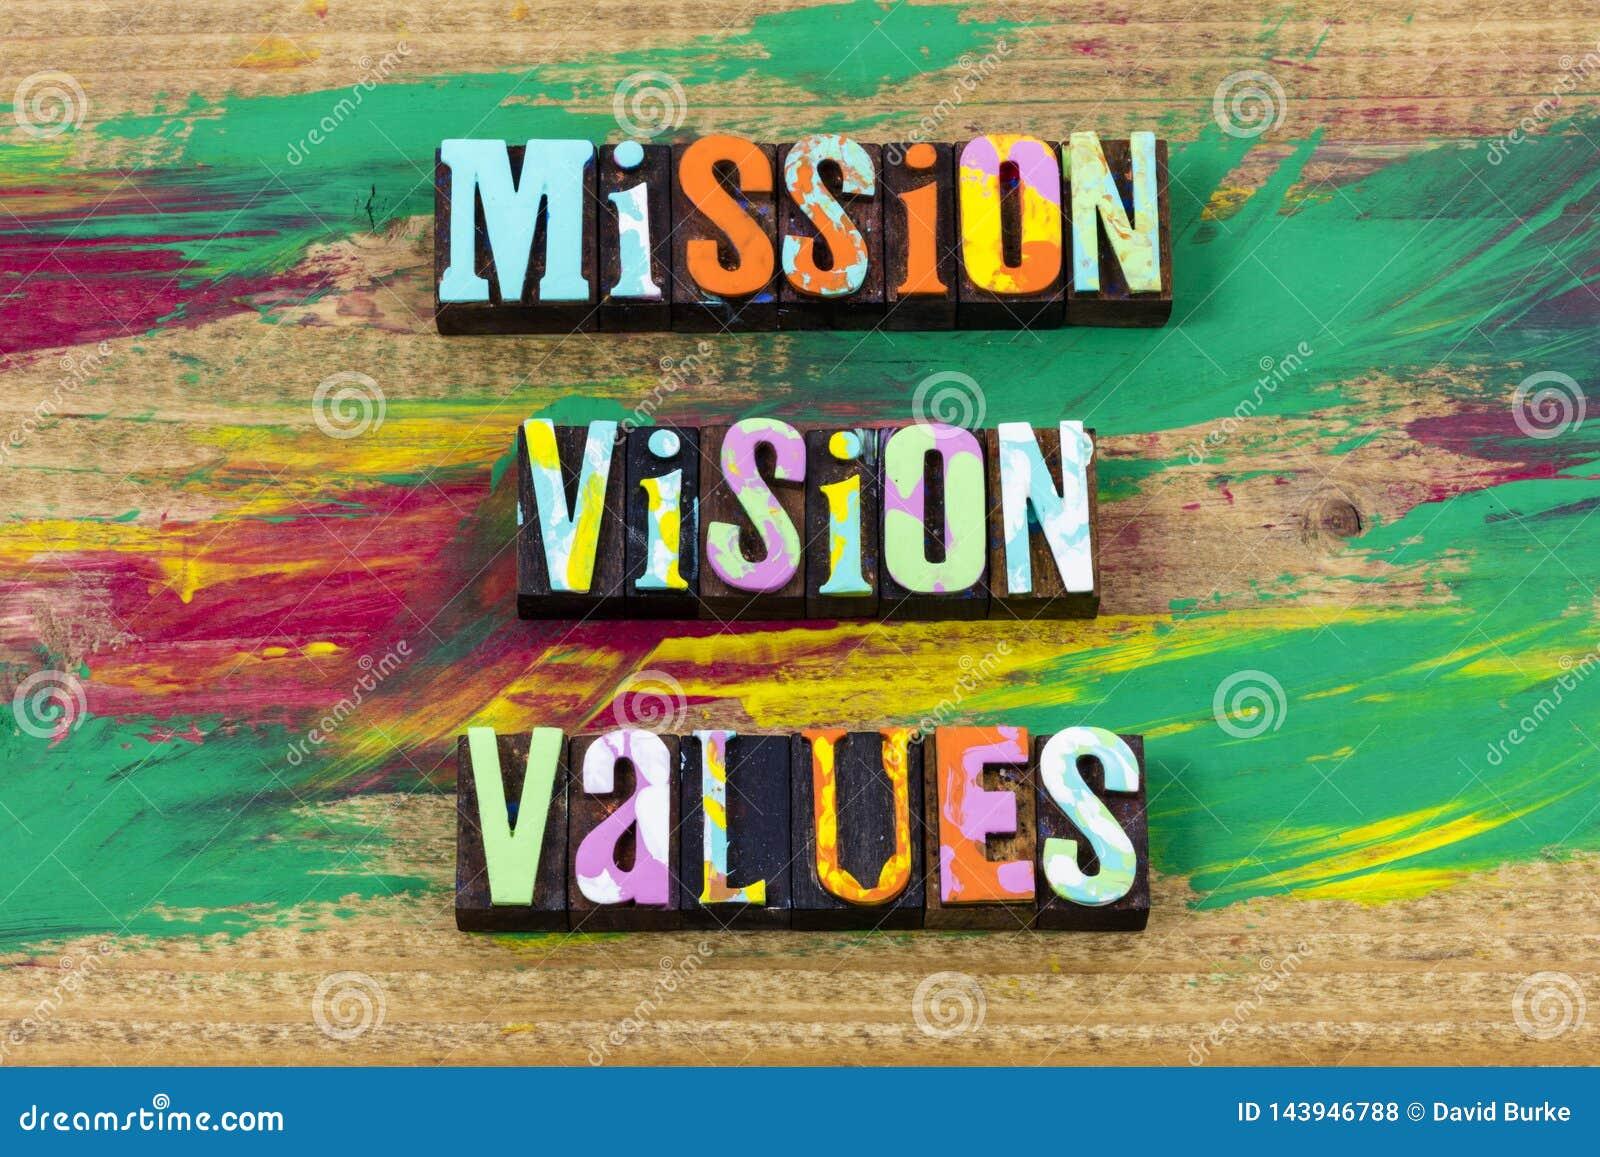 Los valores de la visión de la misión creen cita de la prensa de copiar de la confianza de la integridad del negocio